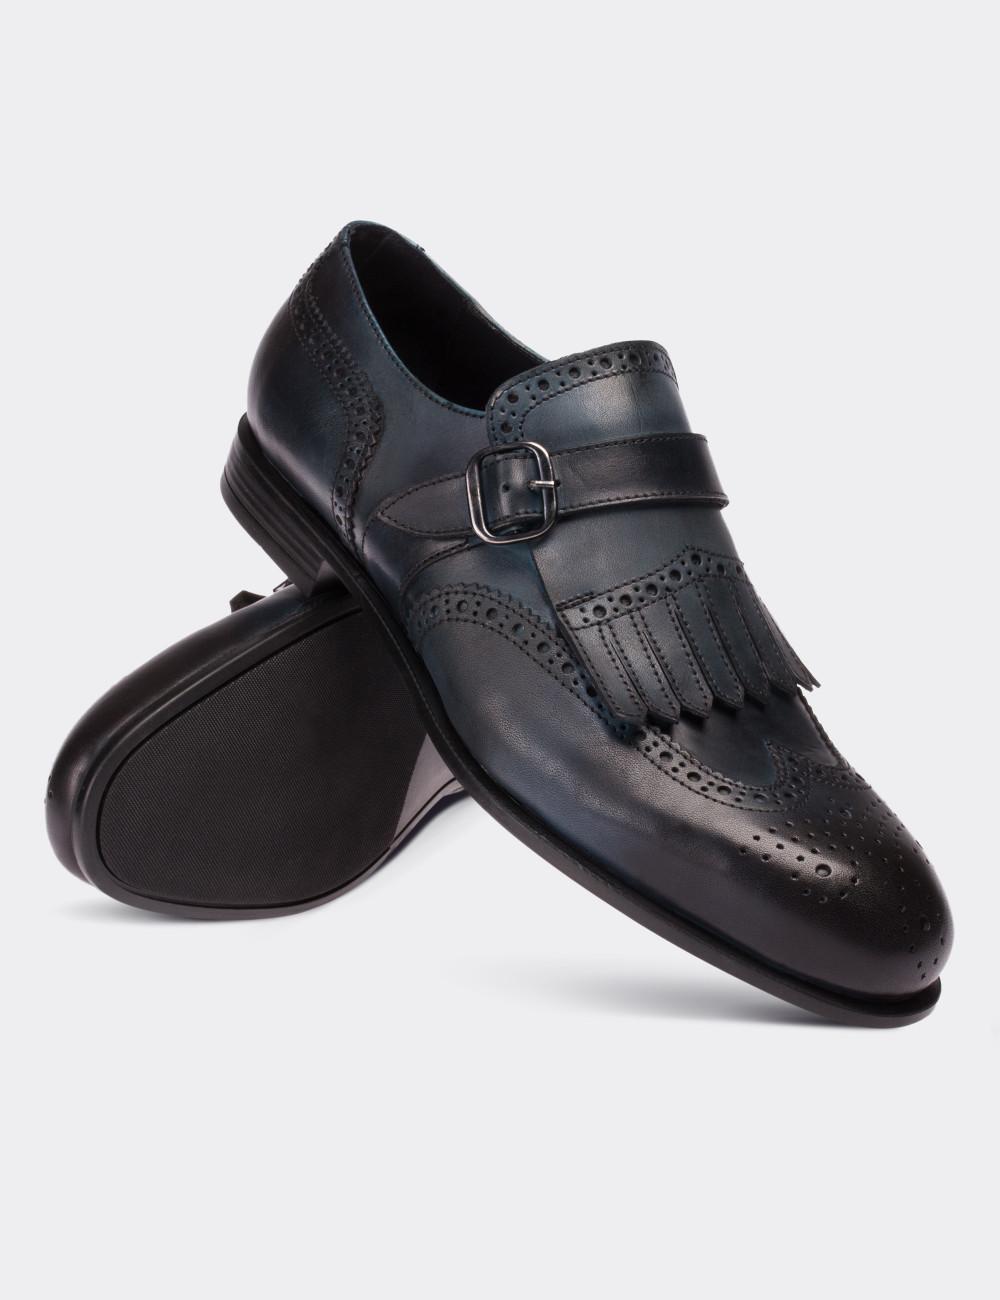 ec81ba14b7097 Navy Calfskin Leather Monk Straps Shoes - 01680MLCVC02